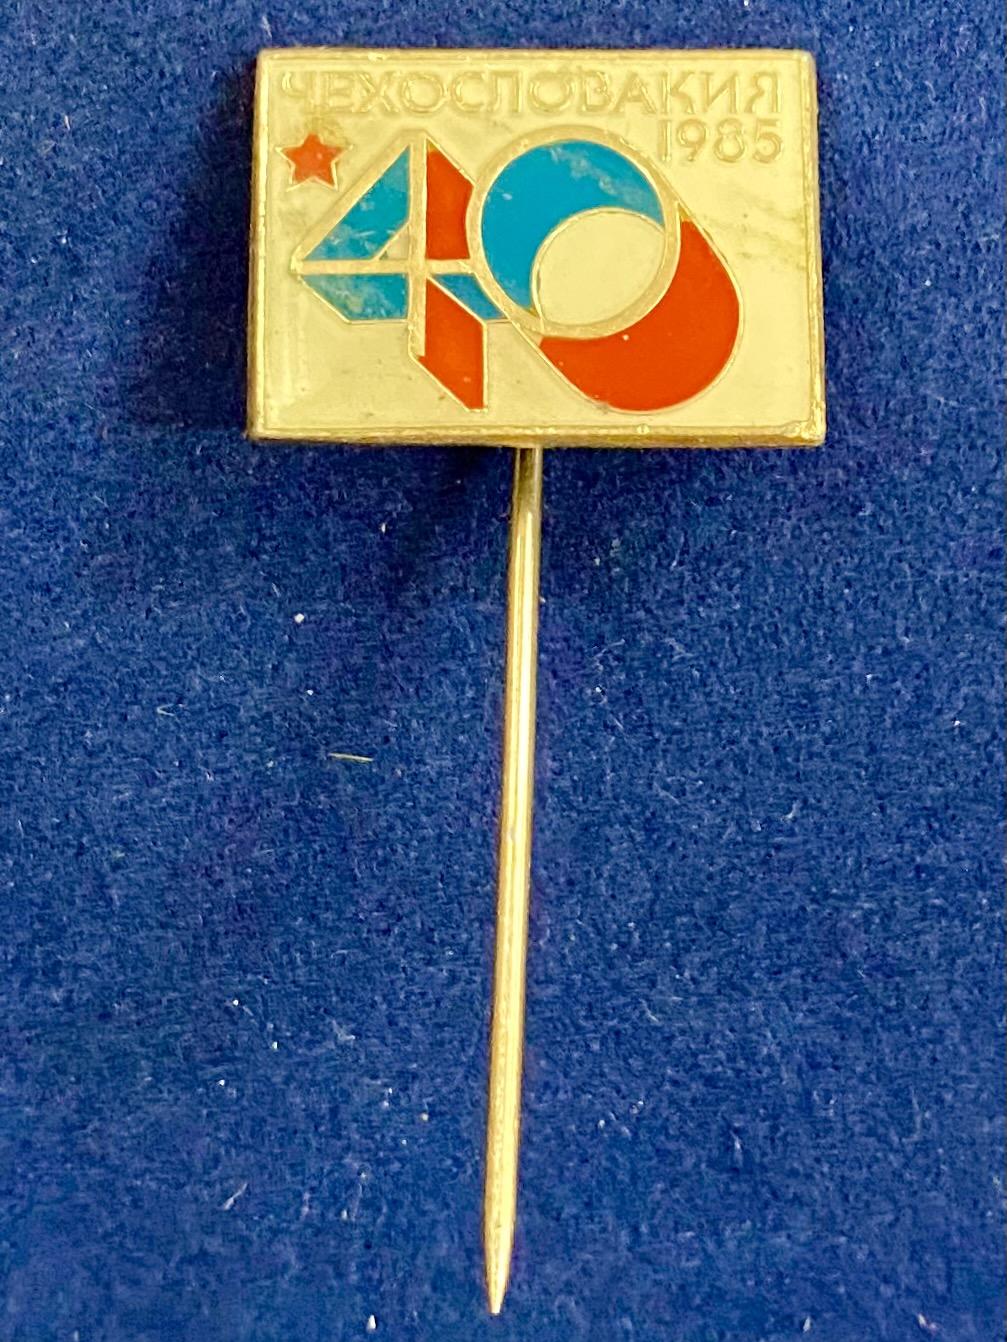 Значок на иголке Чехословакия 1985